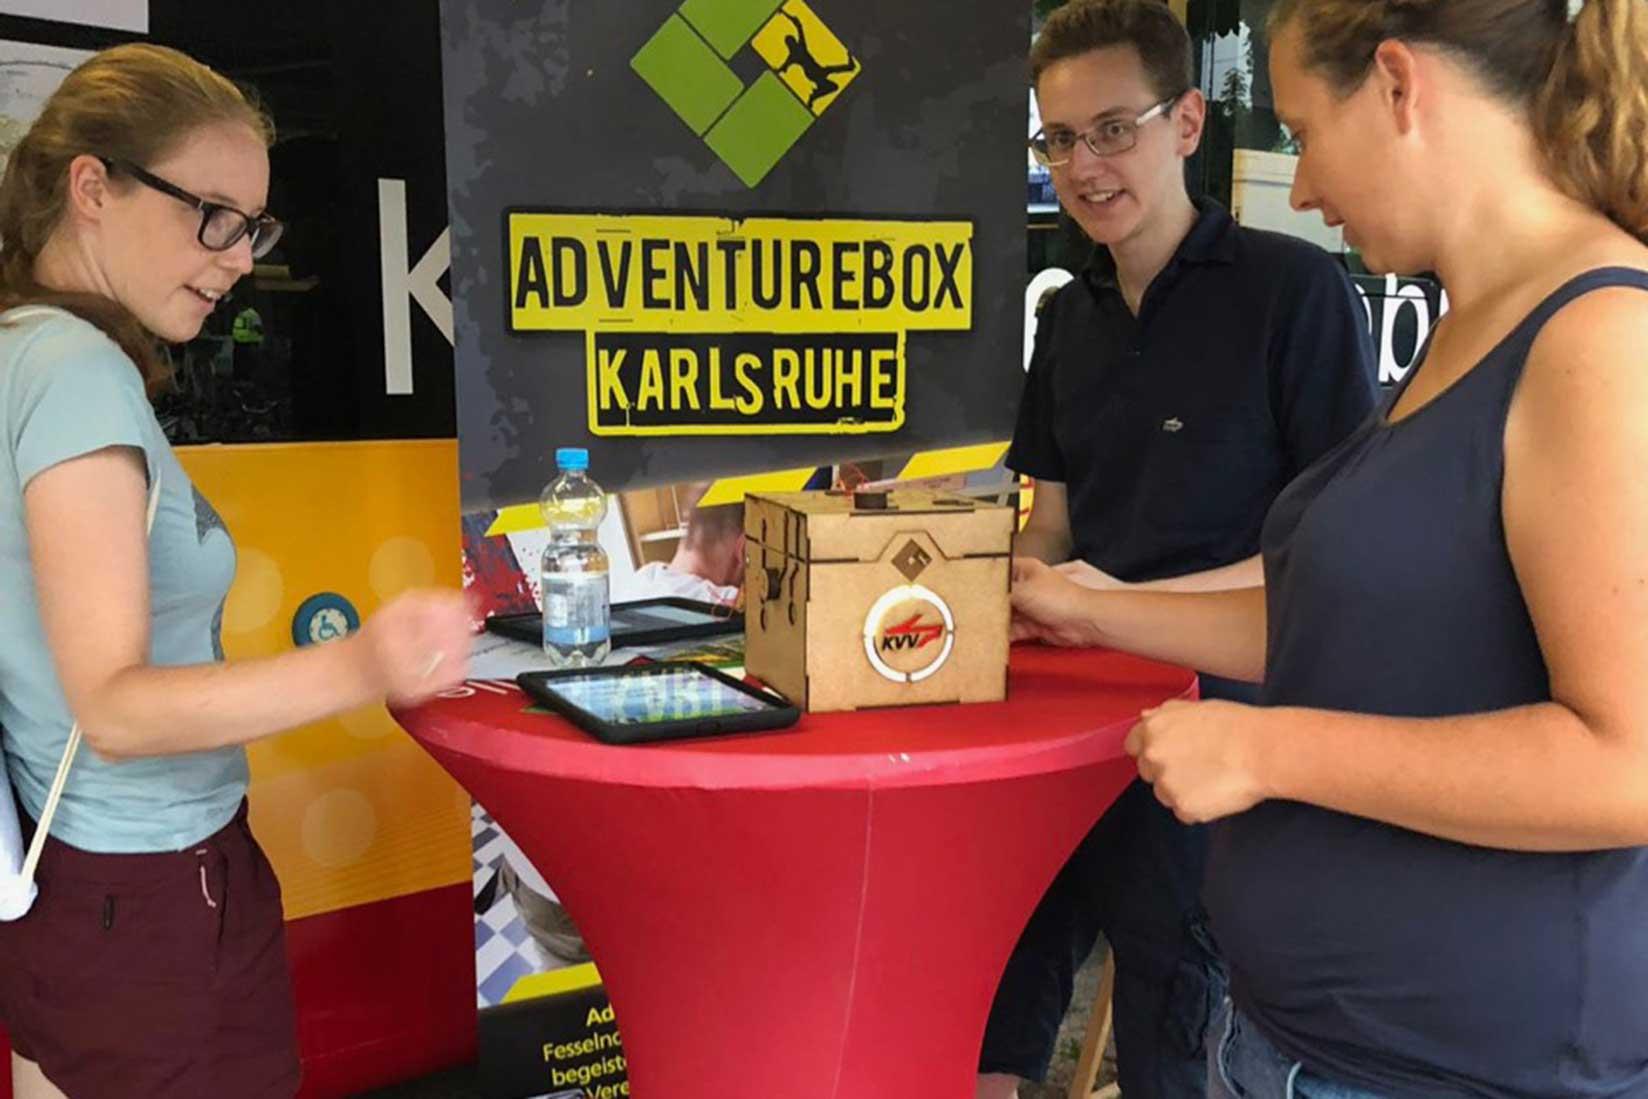 KVV Das Fest Karlsruhe